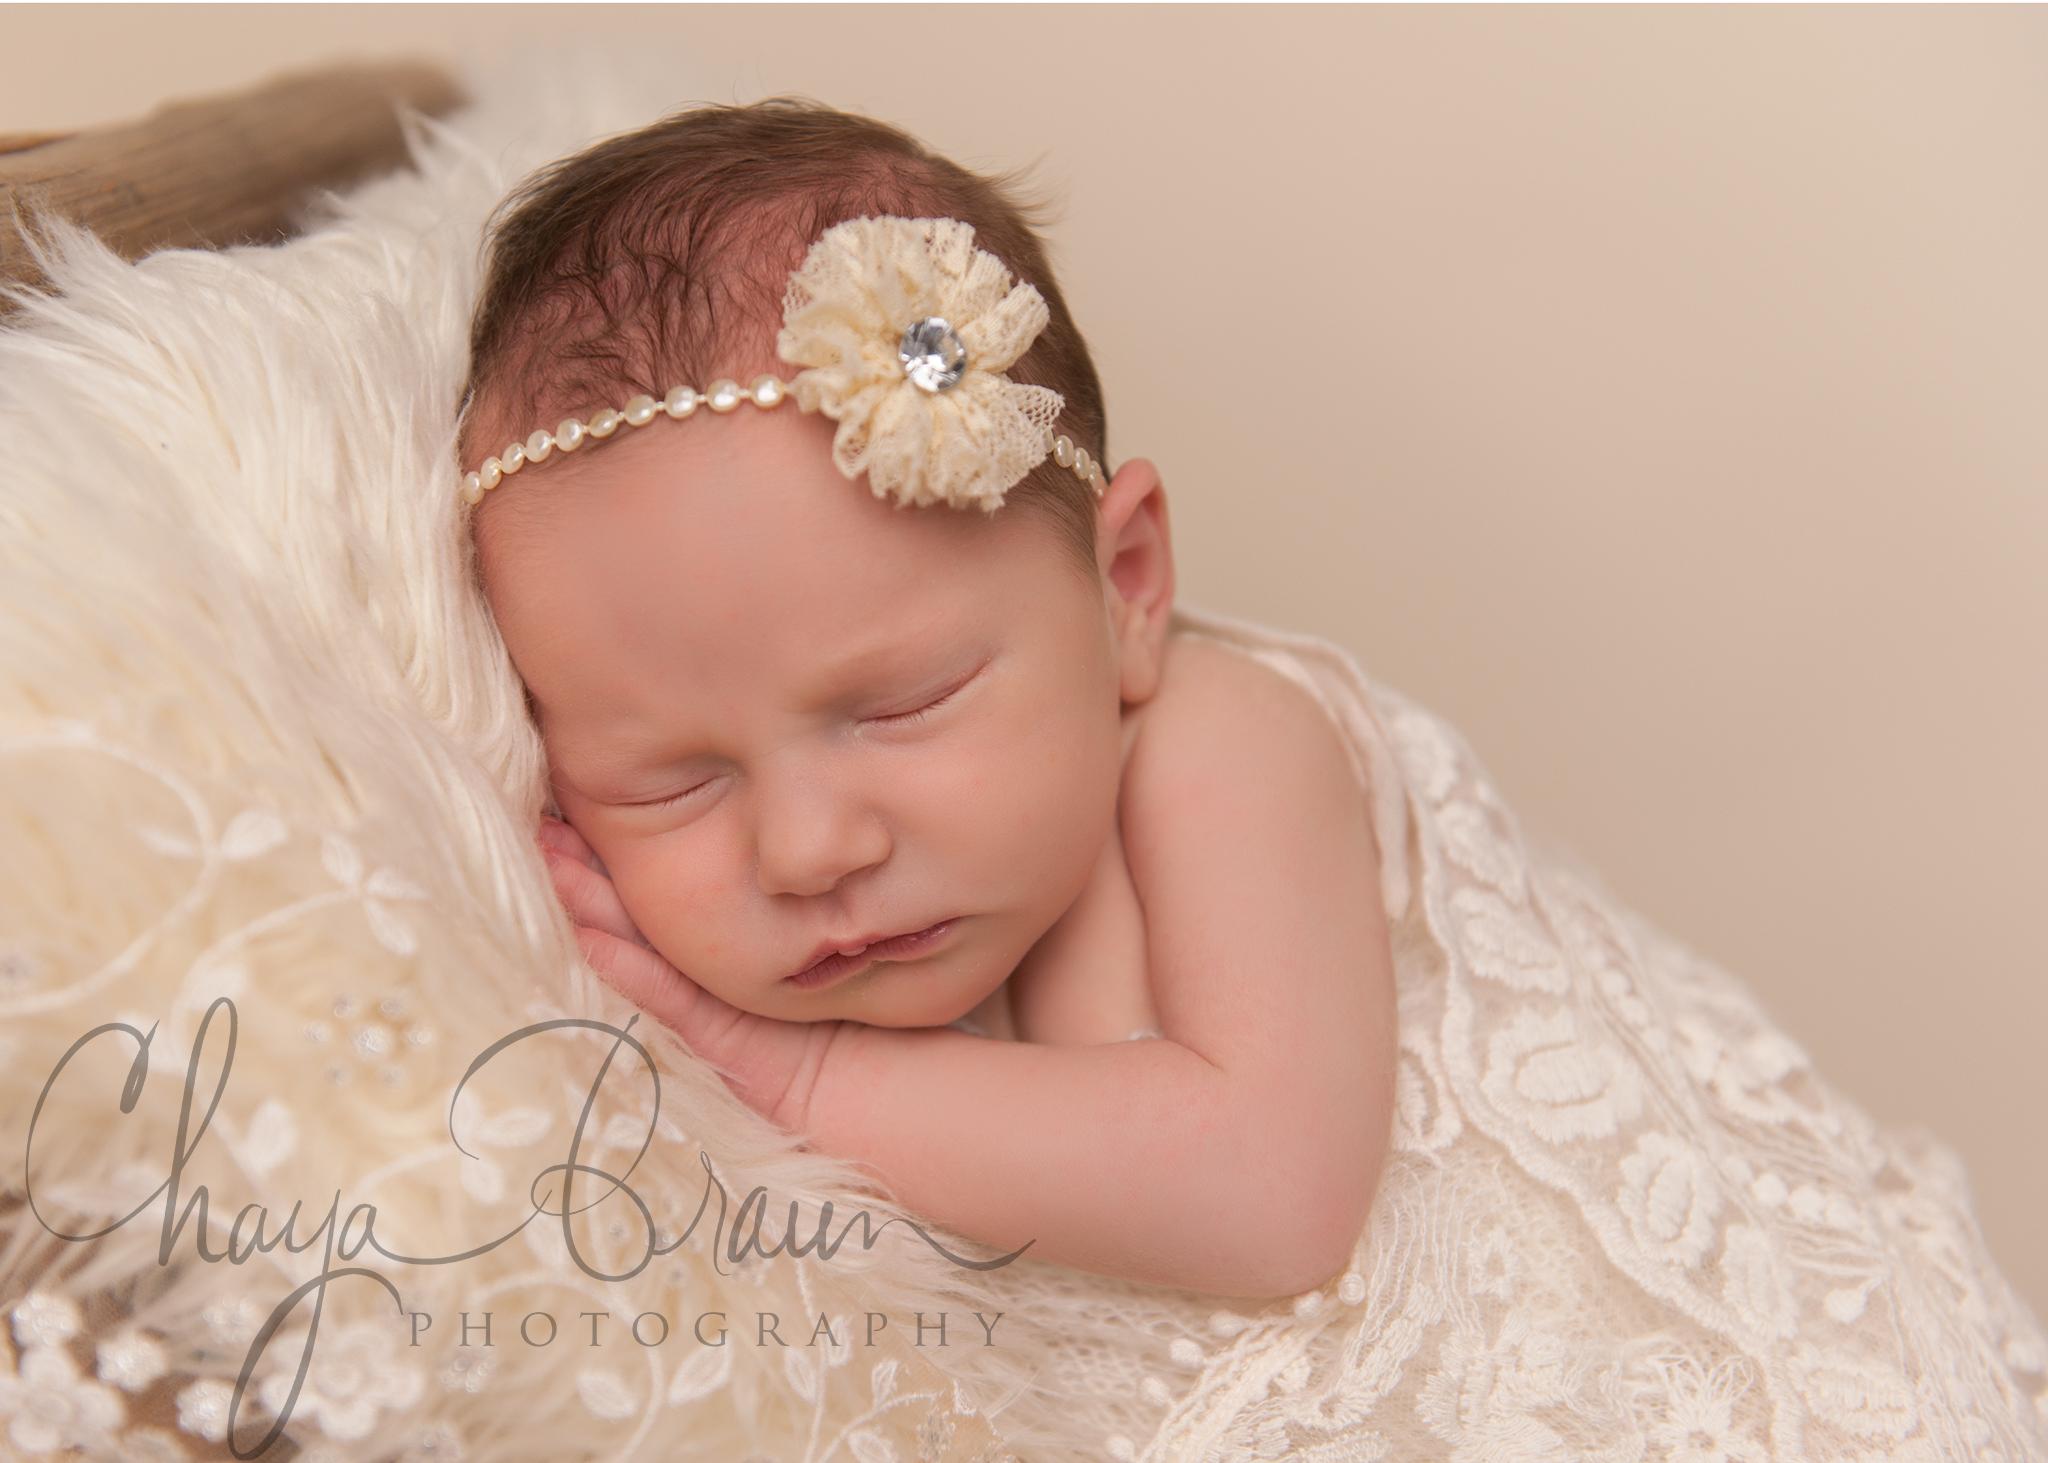 close up newborn baby photo